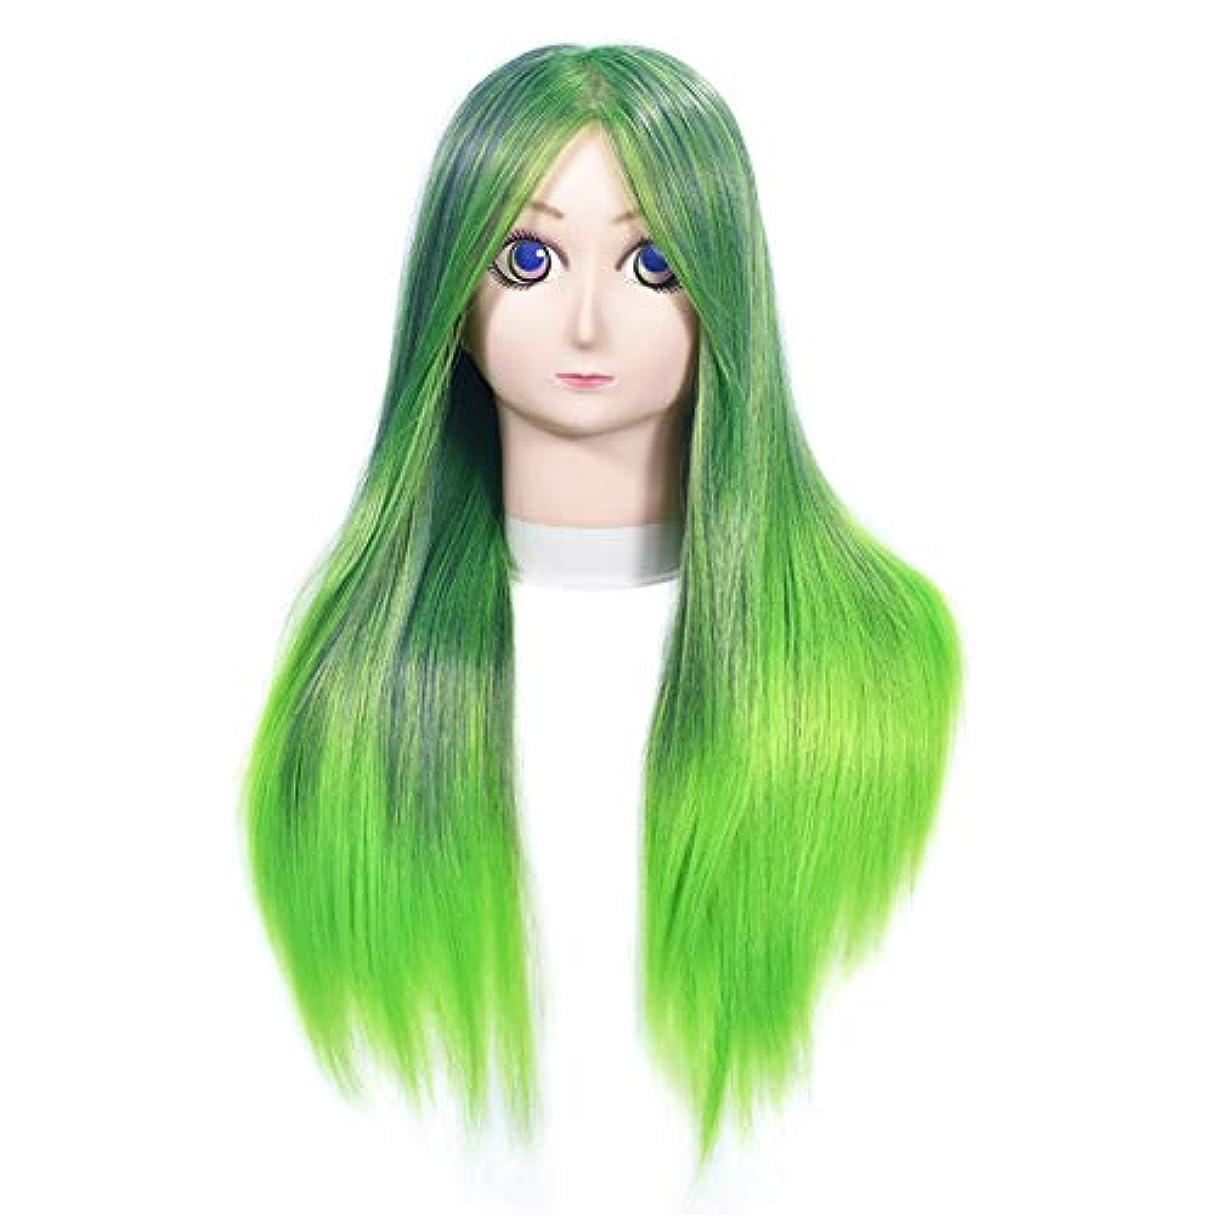 知る約設定バター高温シルクヘアスタイリングモデルヘッド女性モデルヘッドティーチングヘッド理髪店編組髪染め学習ダミーヘッド,gradientgreen